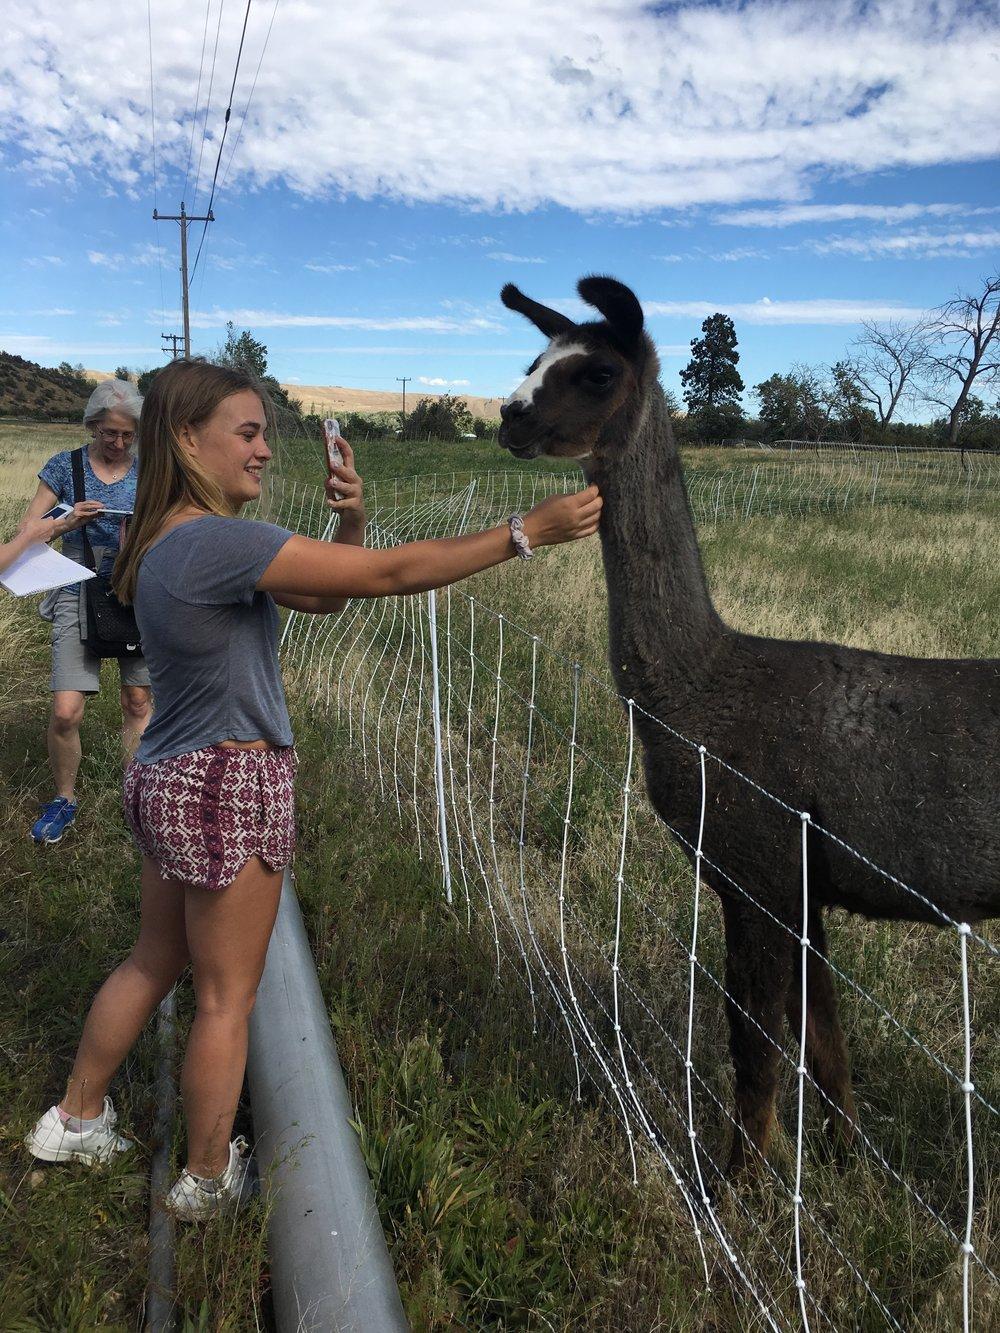 Finn the guard llama makes a gracious host.